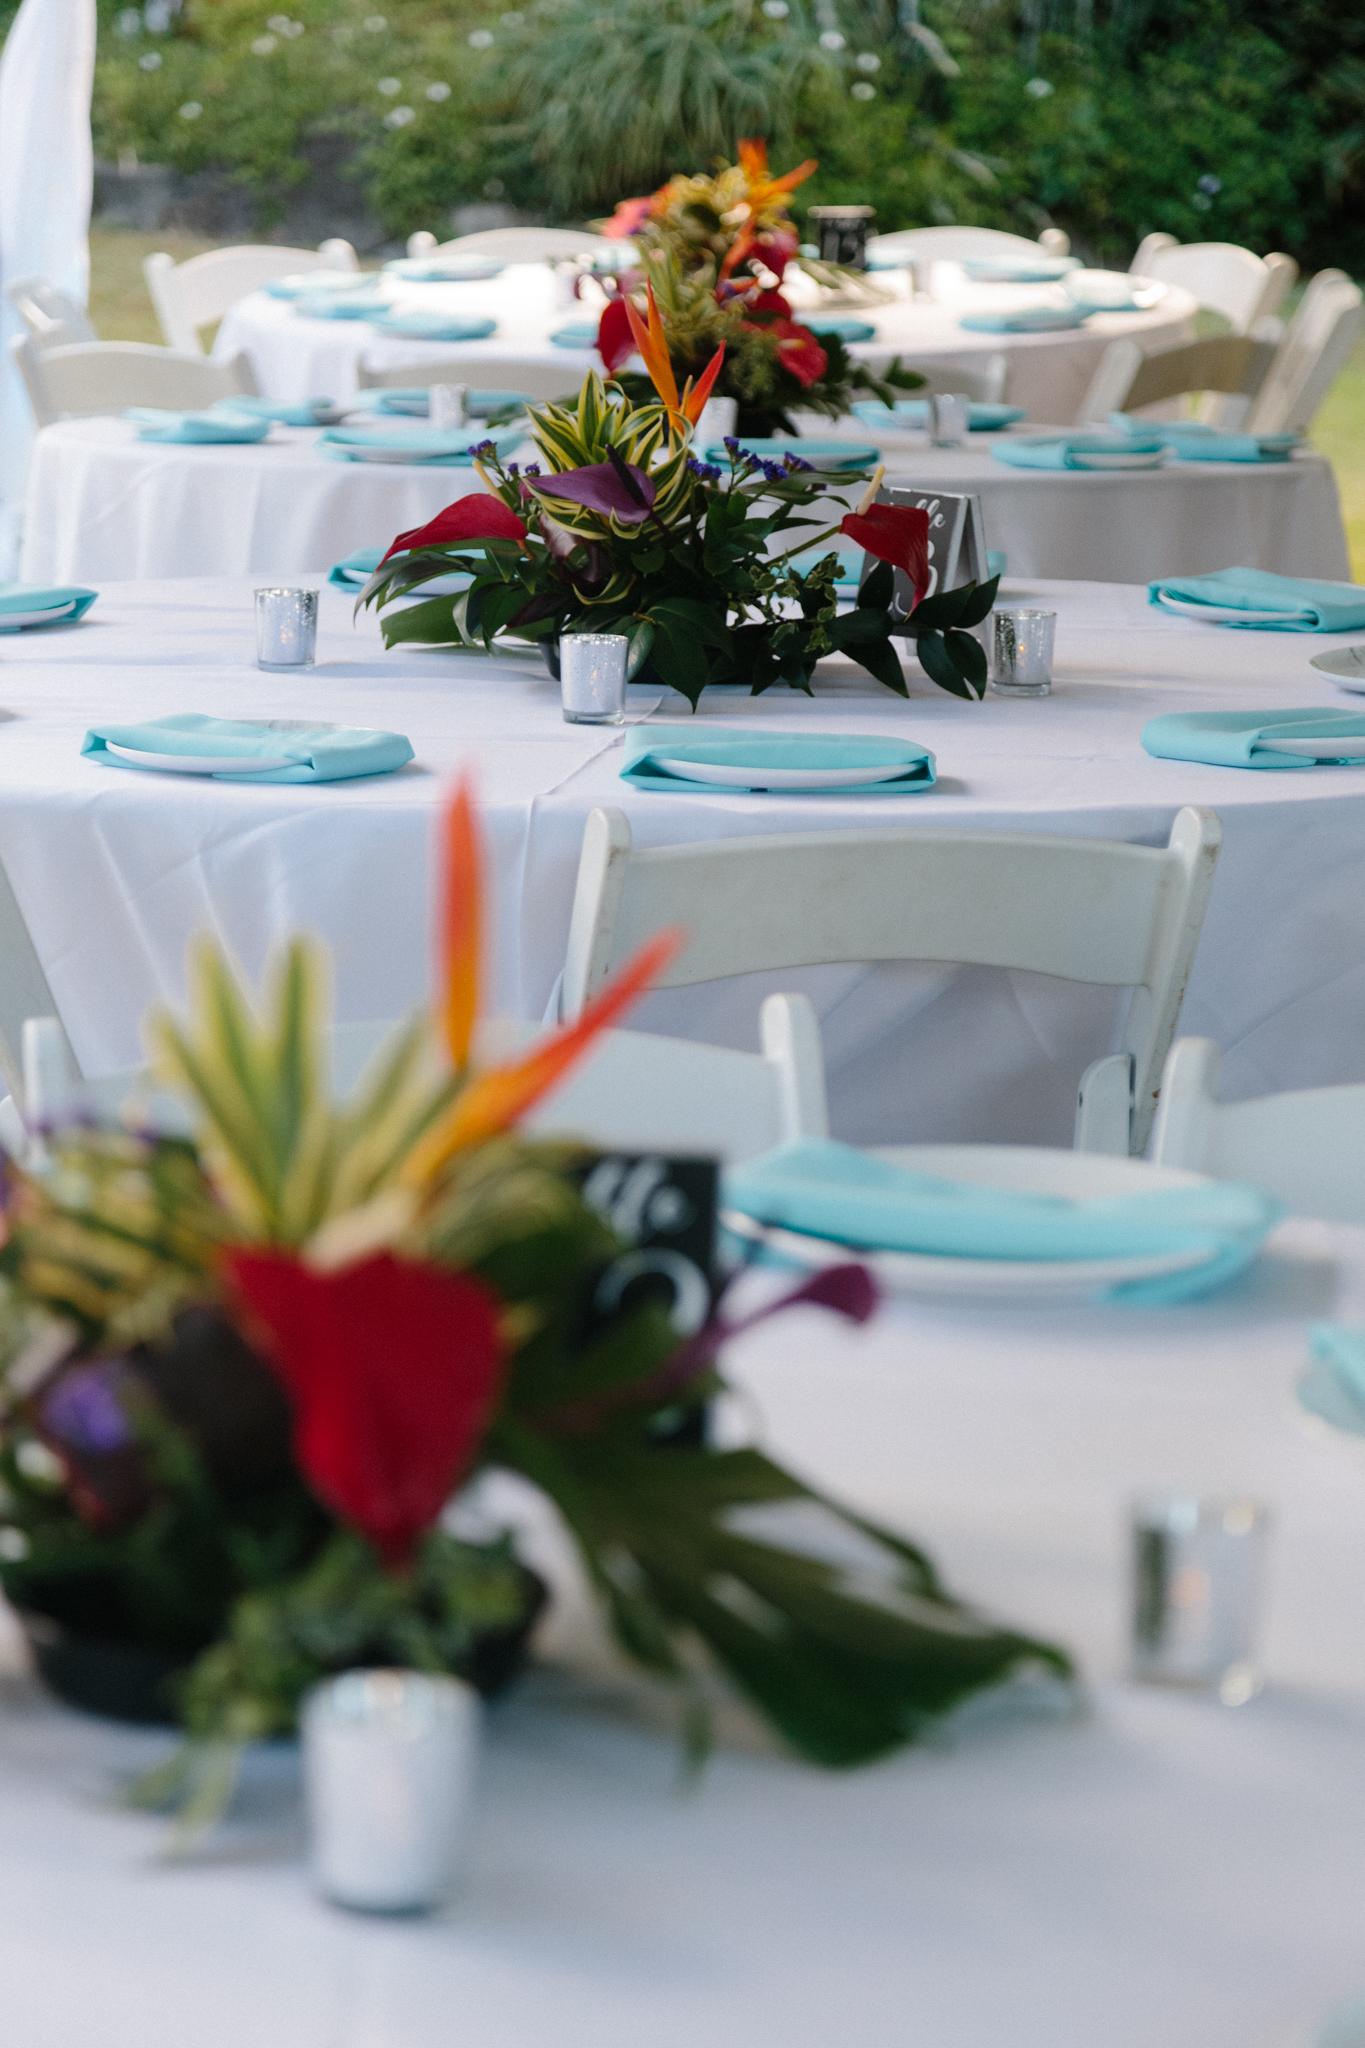 kualoa_ranch_wedding_photography_tone_hawaii-13.jpg